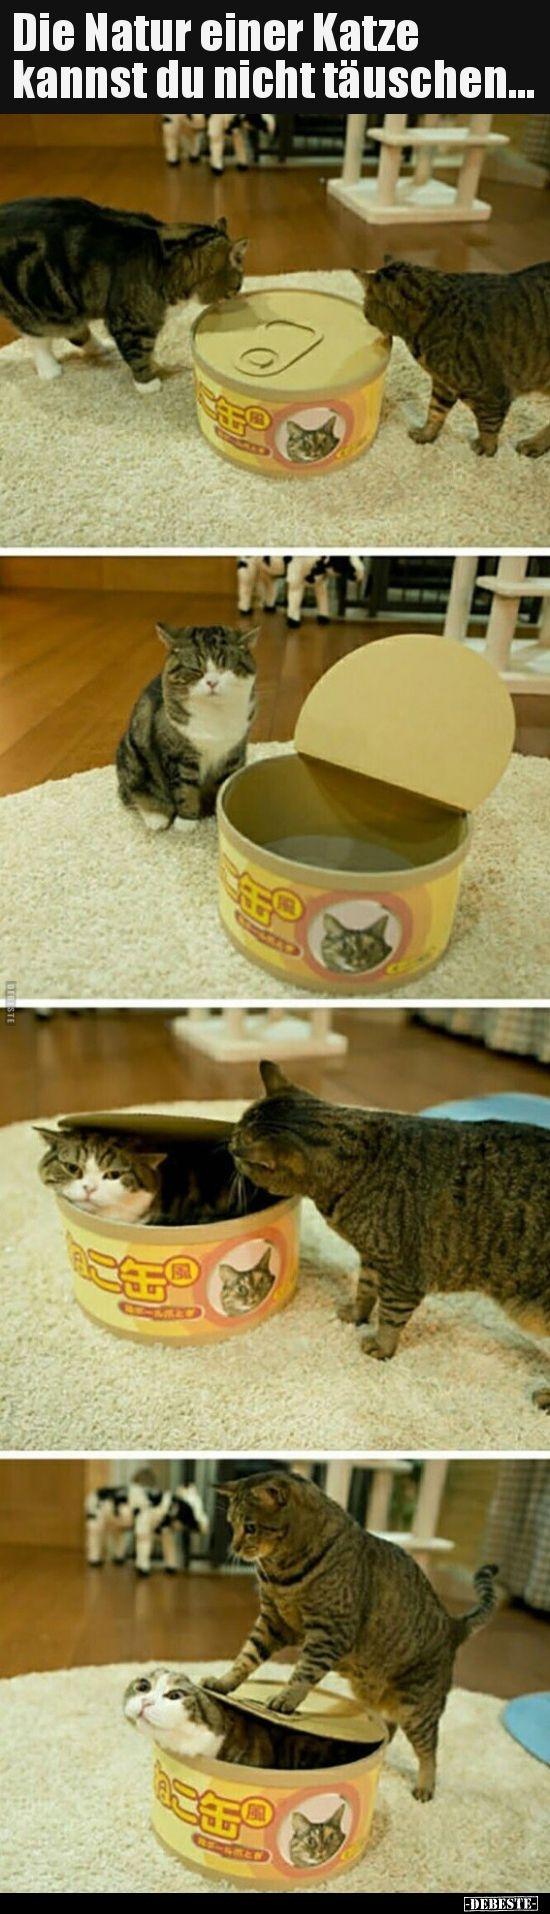 Sie können die Natur einer Katze nicht täuschen … | Lustige Bilder, Sprüche, Worte …   – Memes